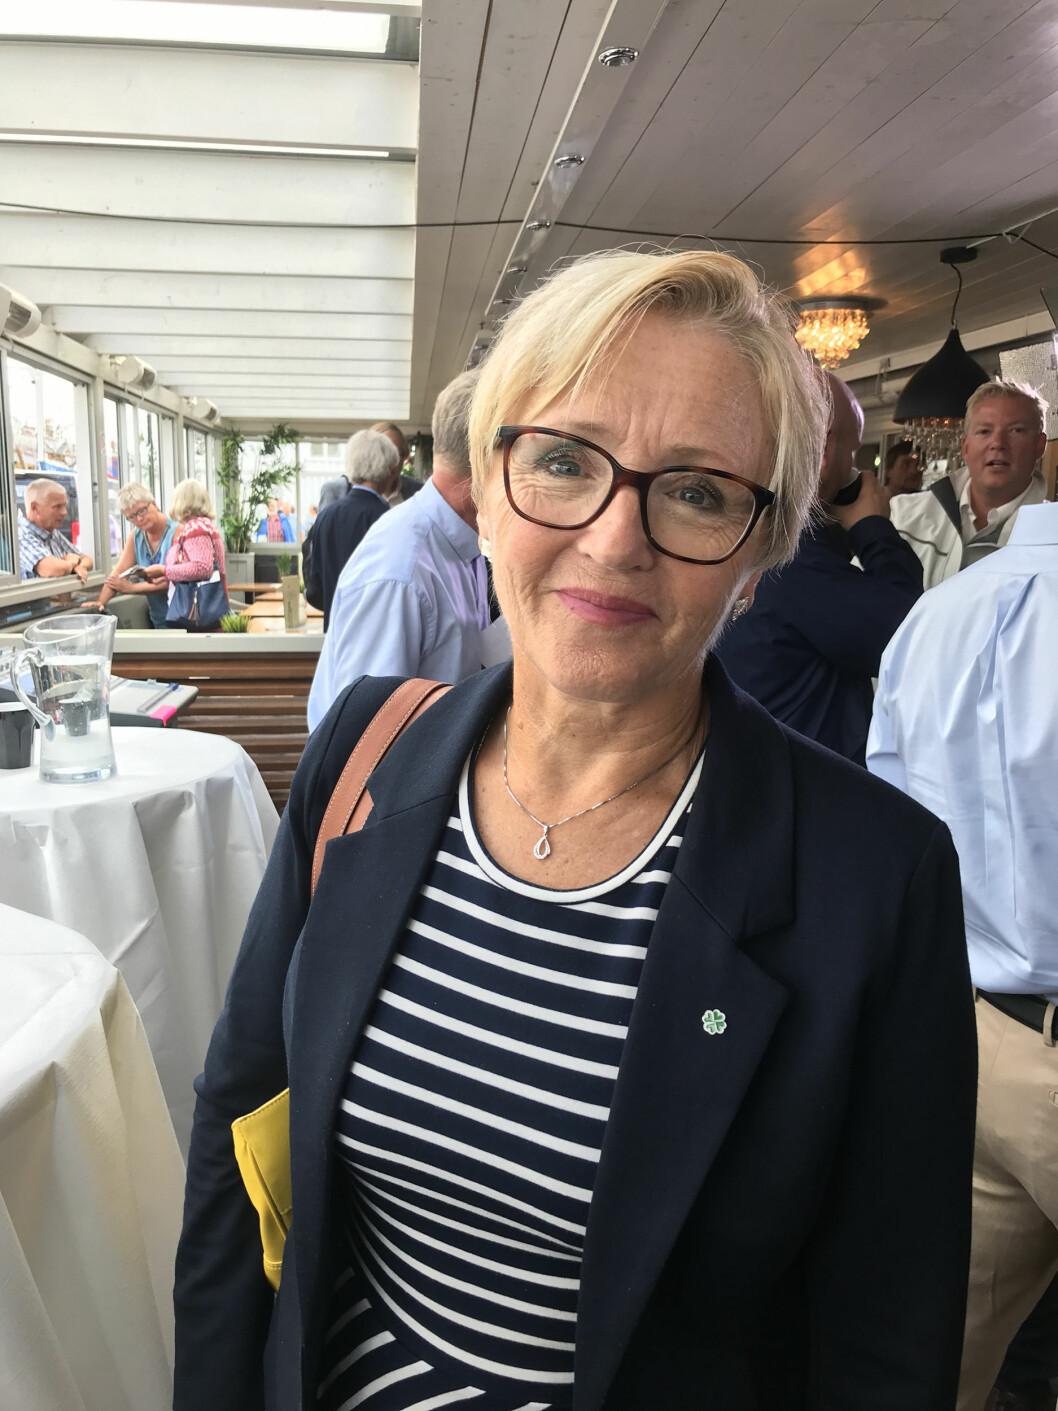 Landmakt: Sp-politiker Liv Signe Navarsete mener Landmakten har blitt nedprioritert under regjeringens forsvarspolitikk. Hun vil tilføre Hær og HV mer midler.